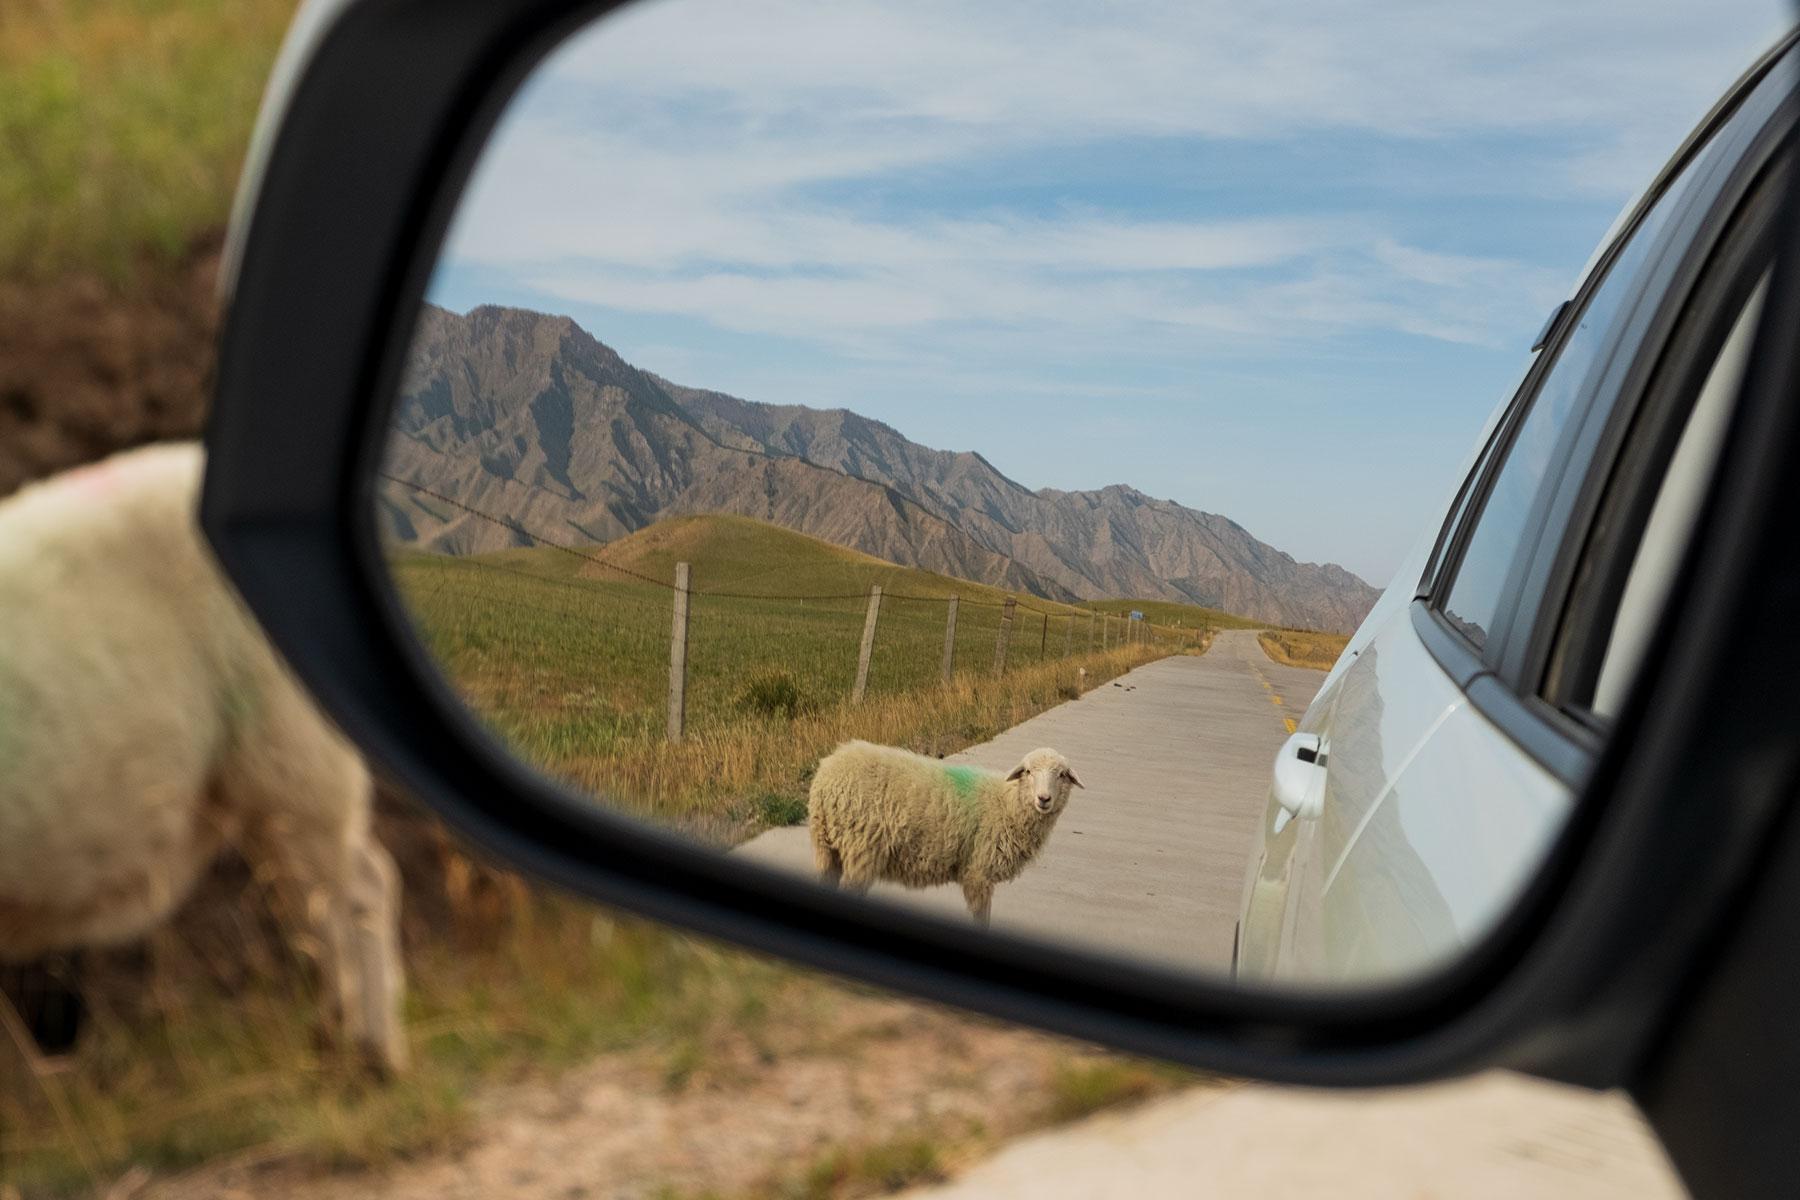 Schaf im Rückspiegel im Kangle Grassland in Gansu in China